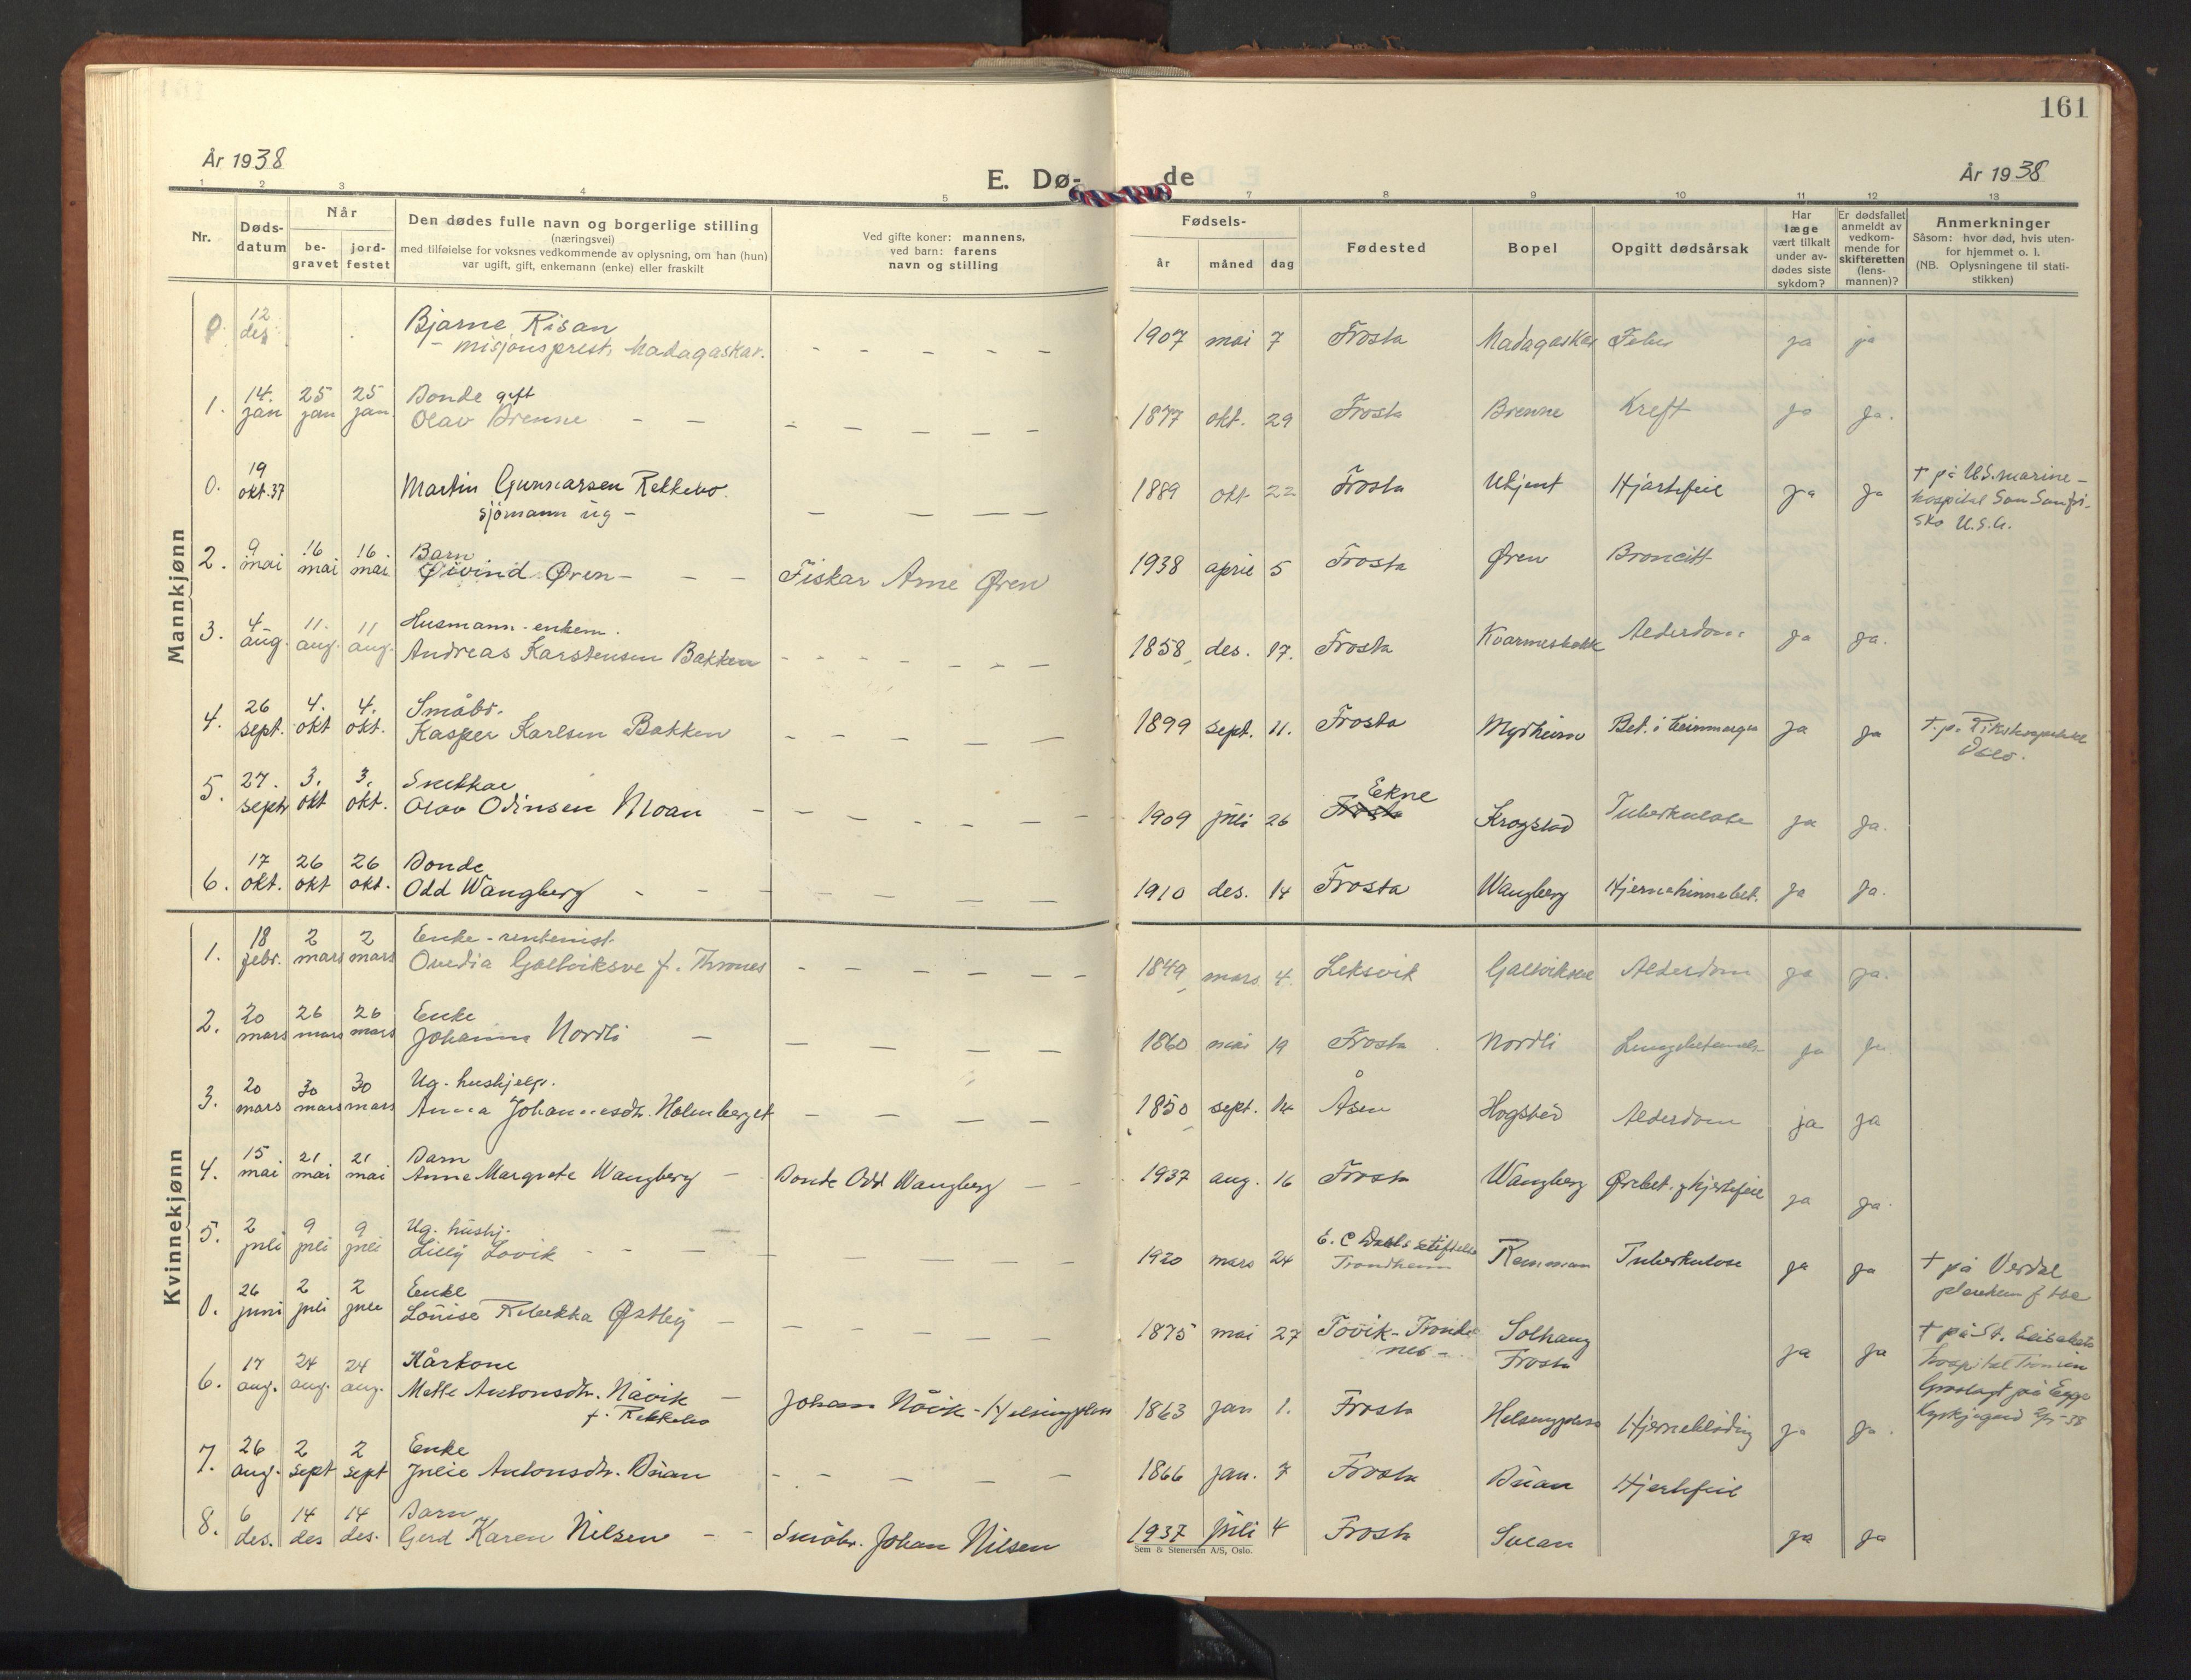 SAT, Ministerialprotokoller, klokkerbøker og fødselsregistre - Nord-Trøndelag, 713/L0125: Klokkerbok nr. 713C02, 1931-1941, s. 161